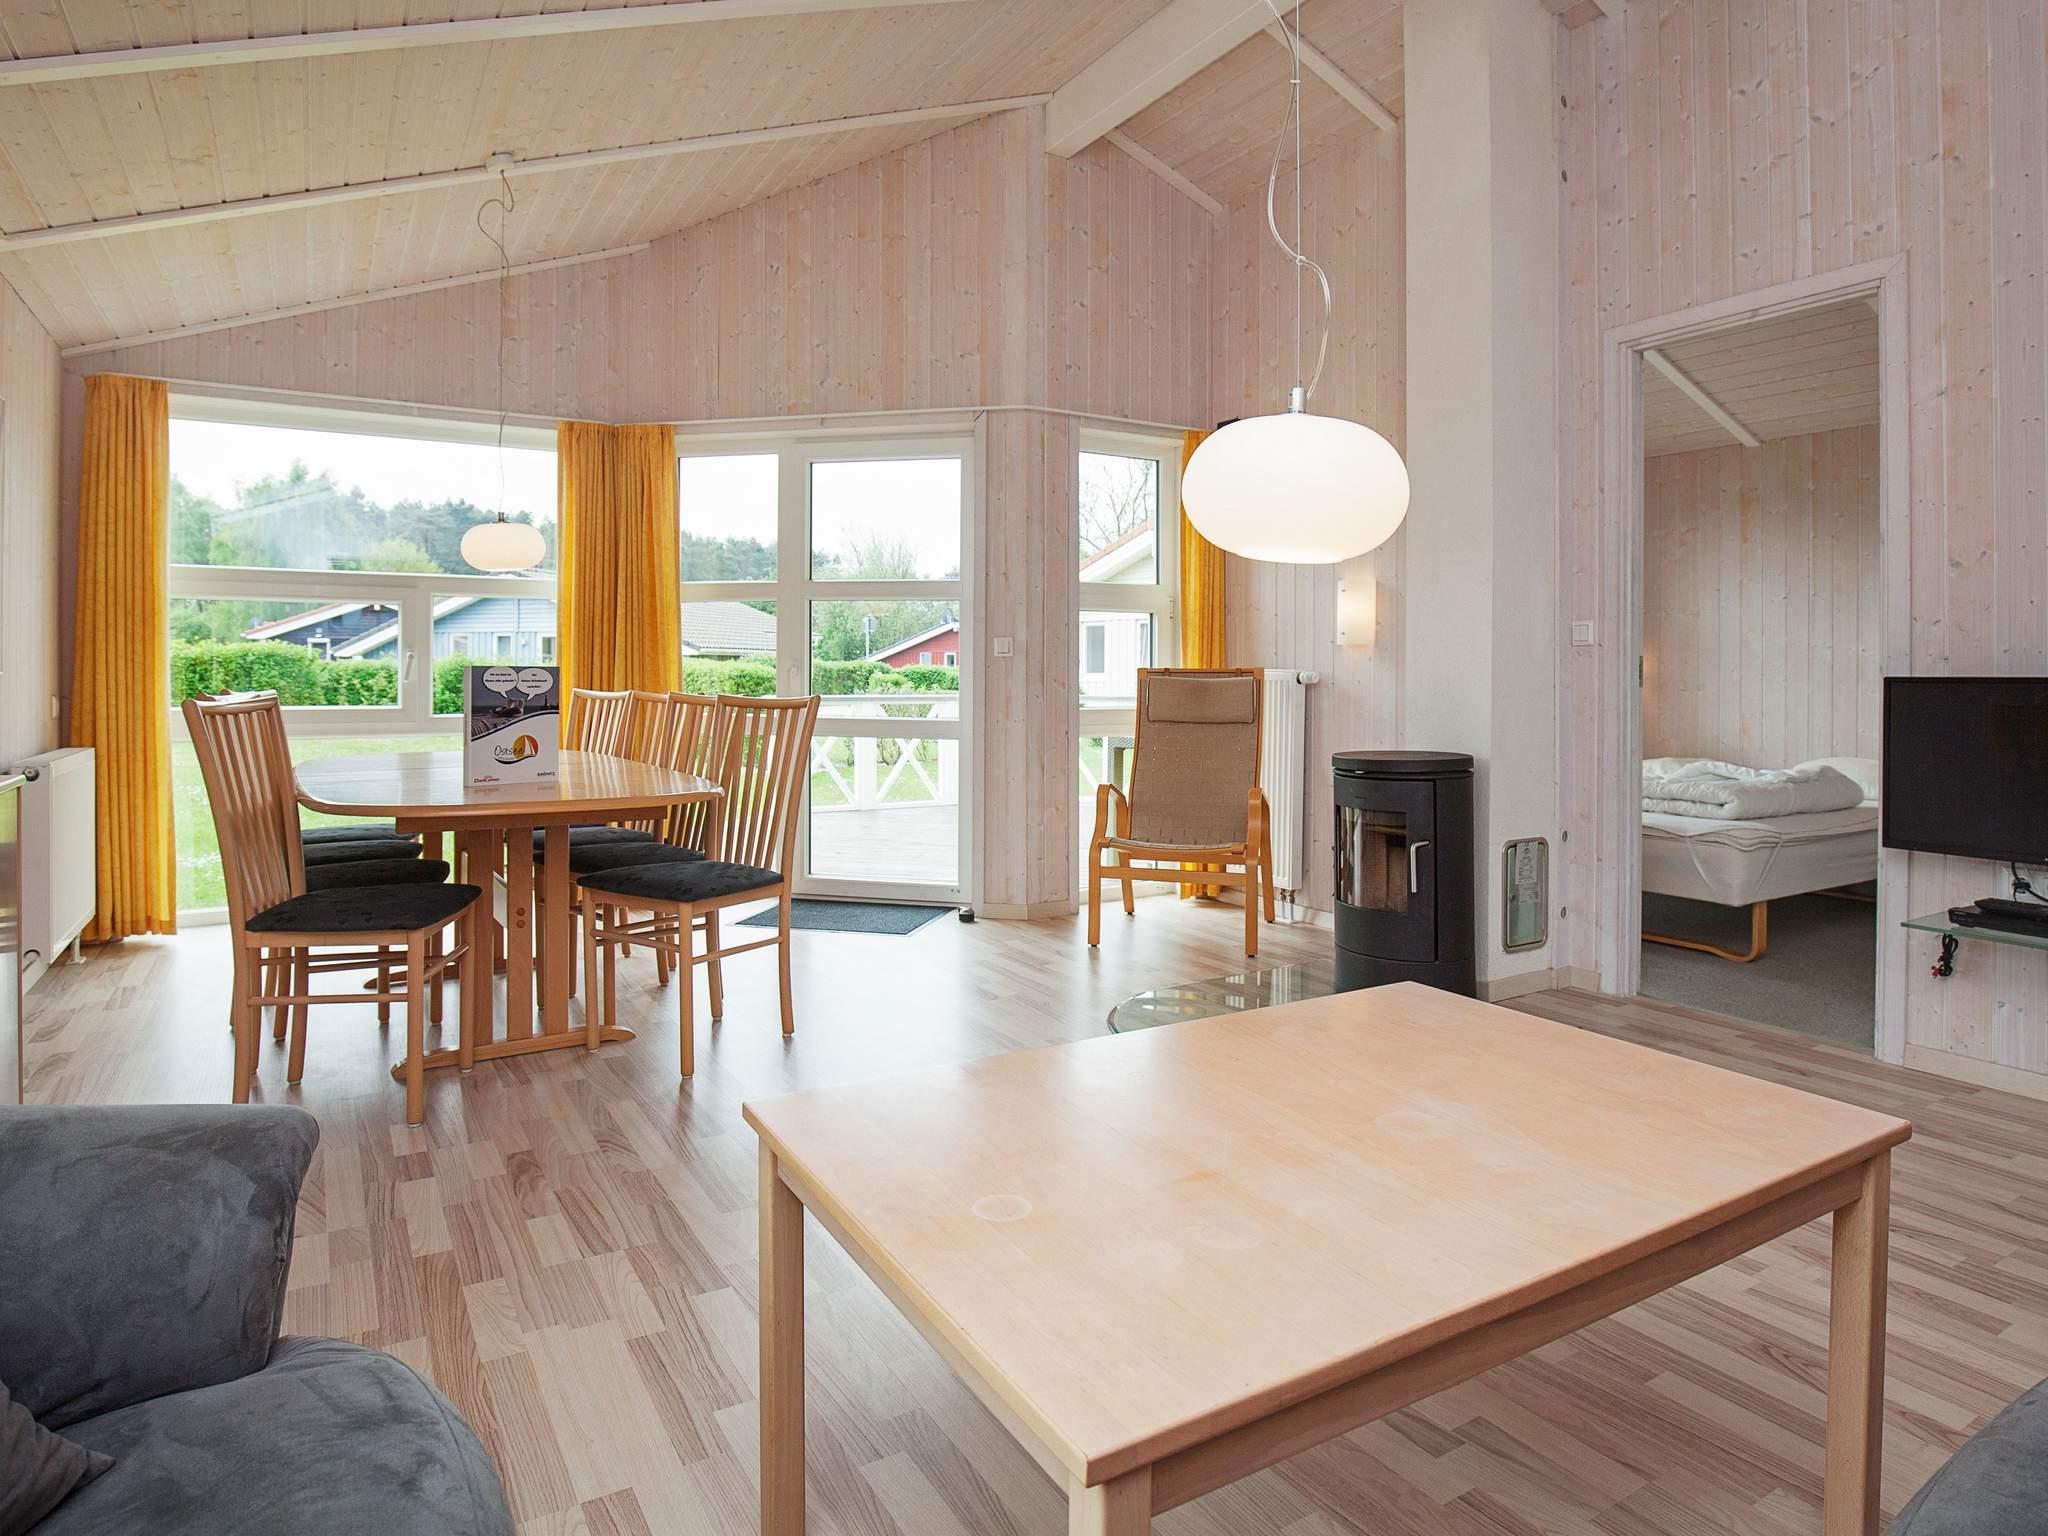 Maison de vacances Grömitz (359058), Grömitz, Baie de Lübeck, Schleswig-Holstein, Allemagne, image 3